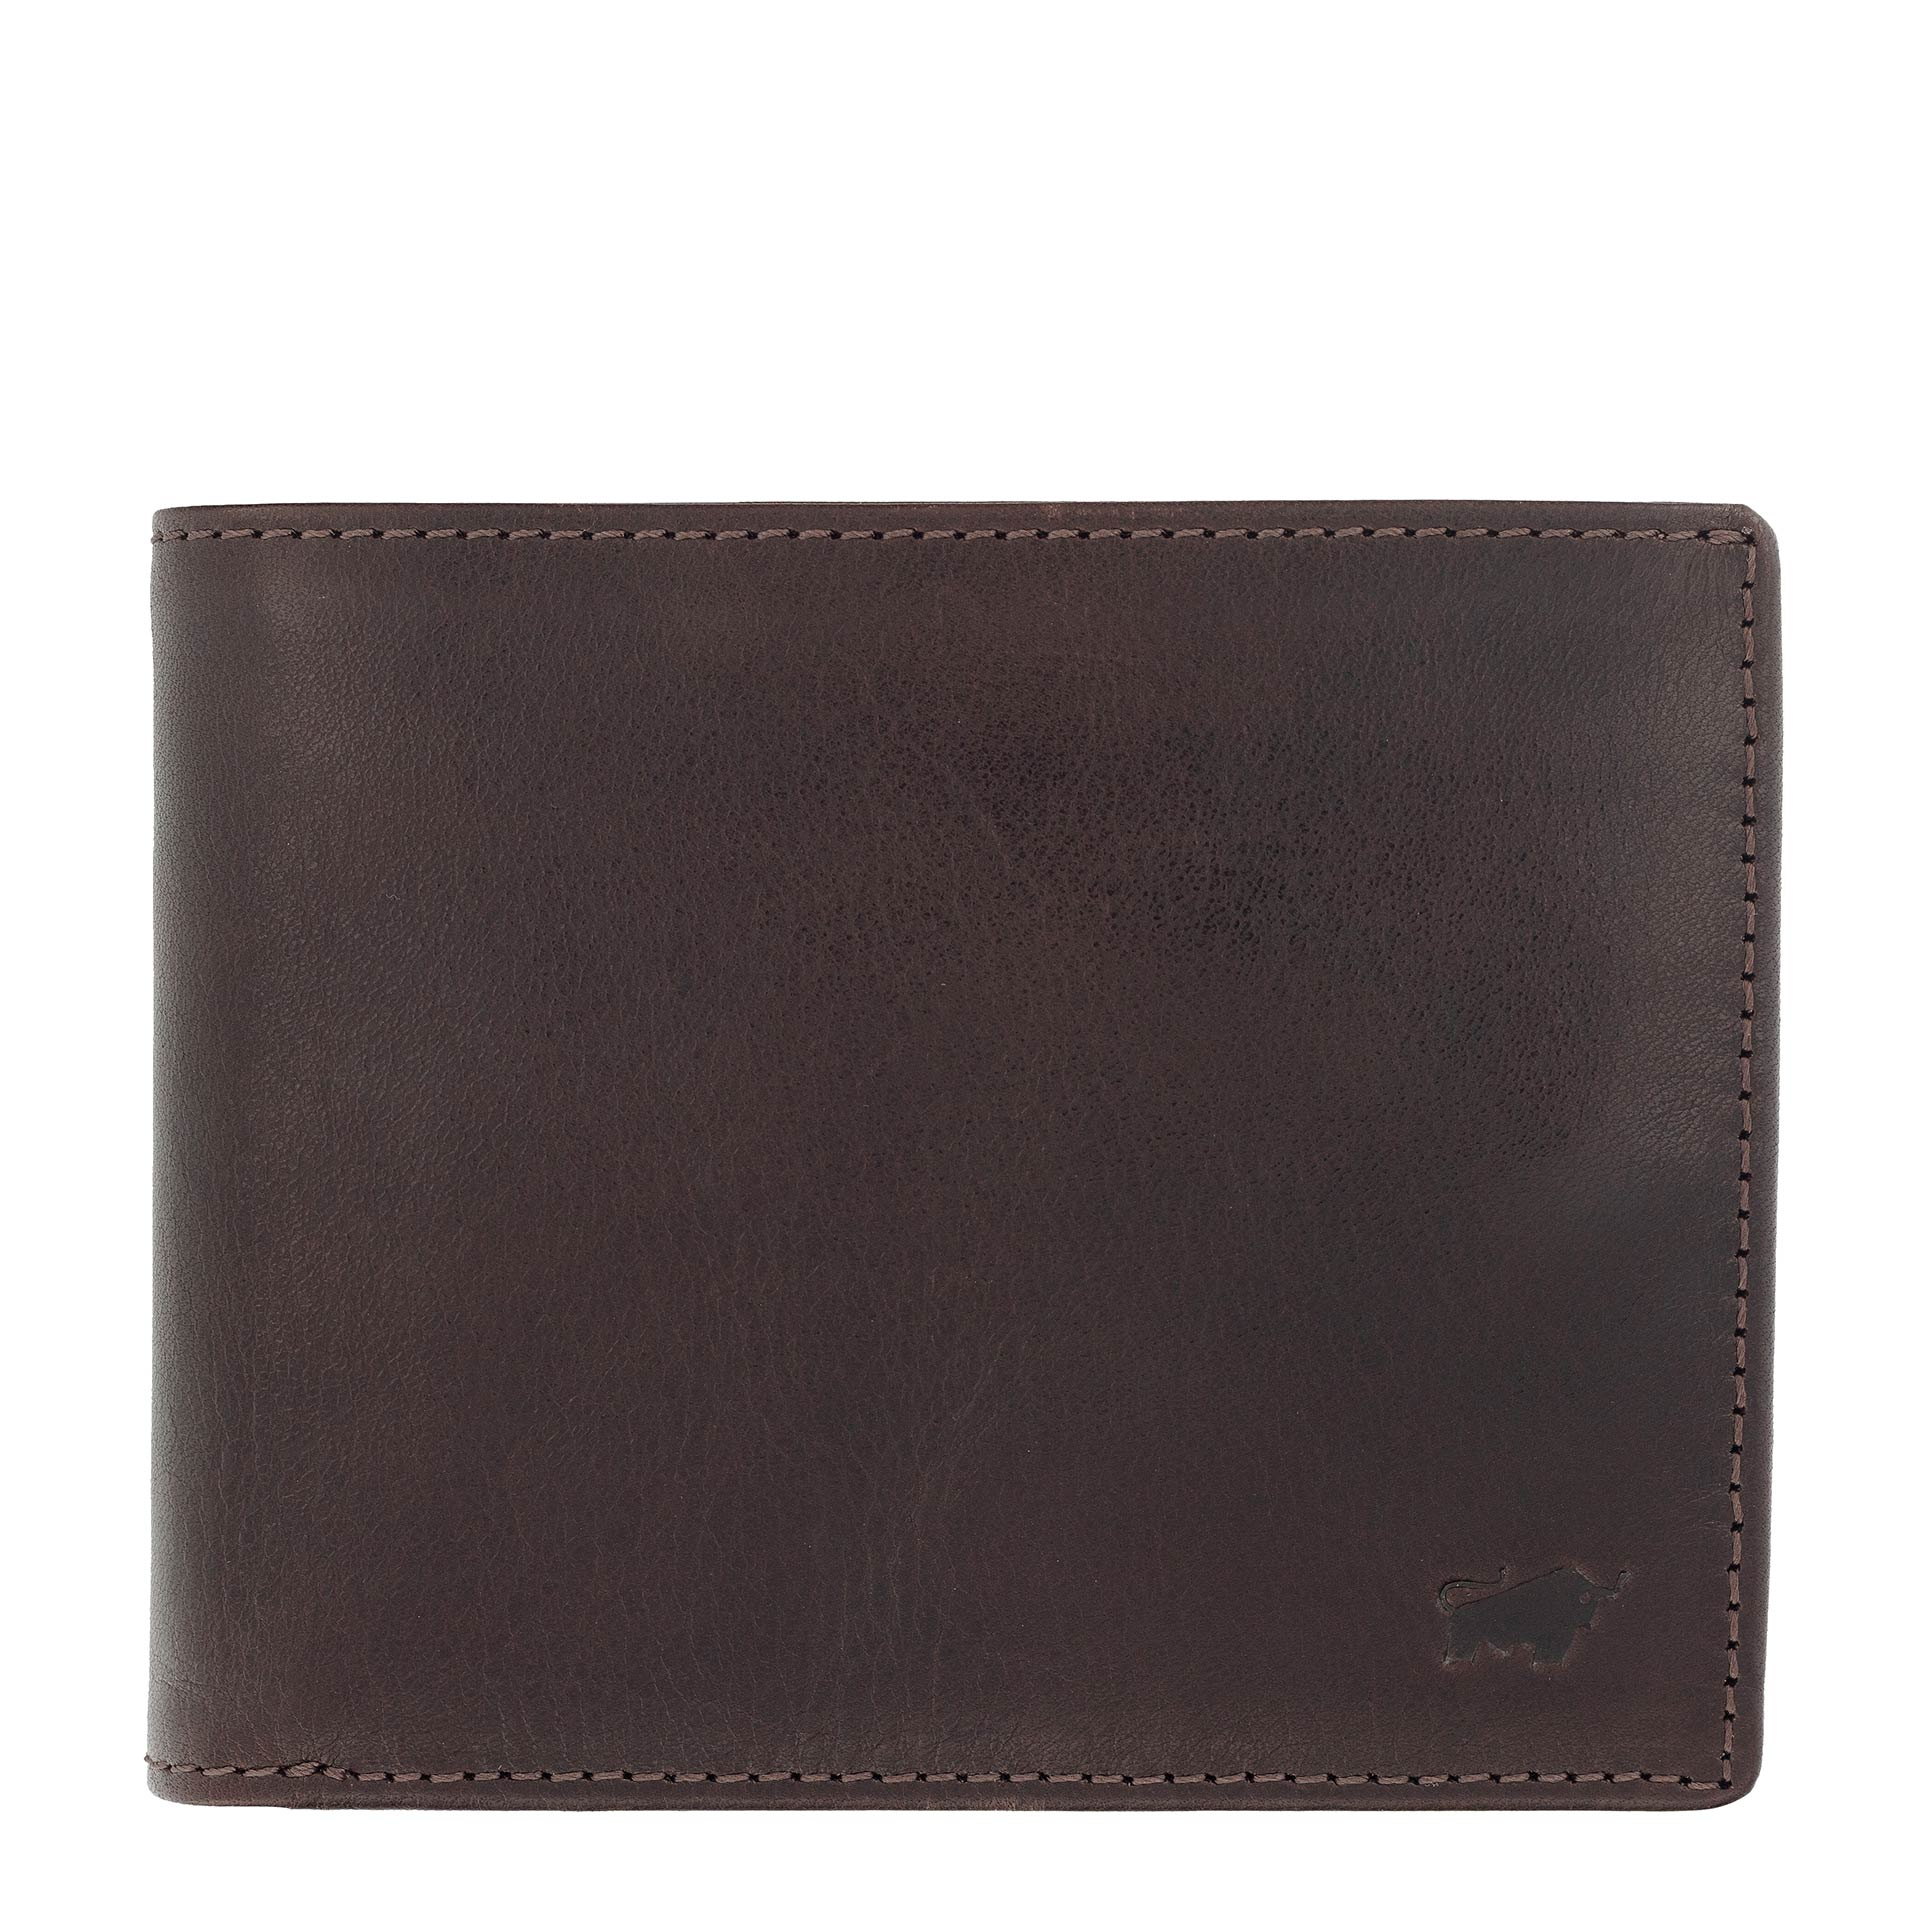 Braun Büffel Arezzo RFID Geldbörse 12CS